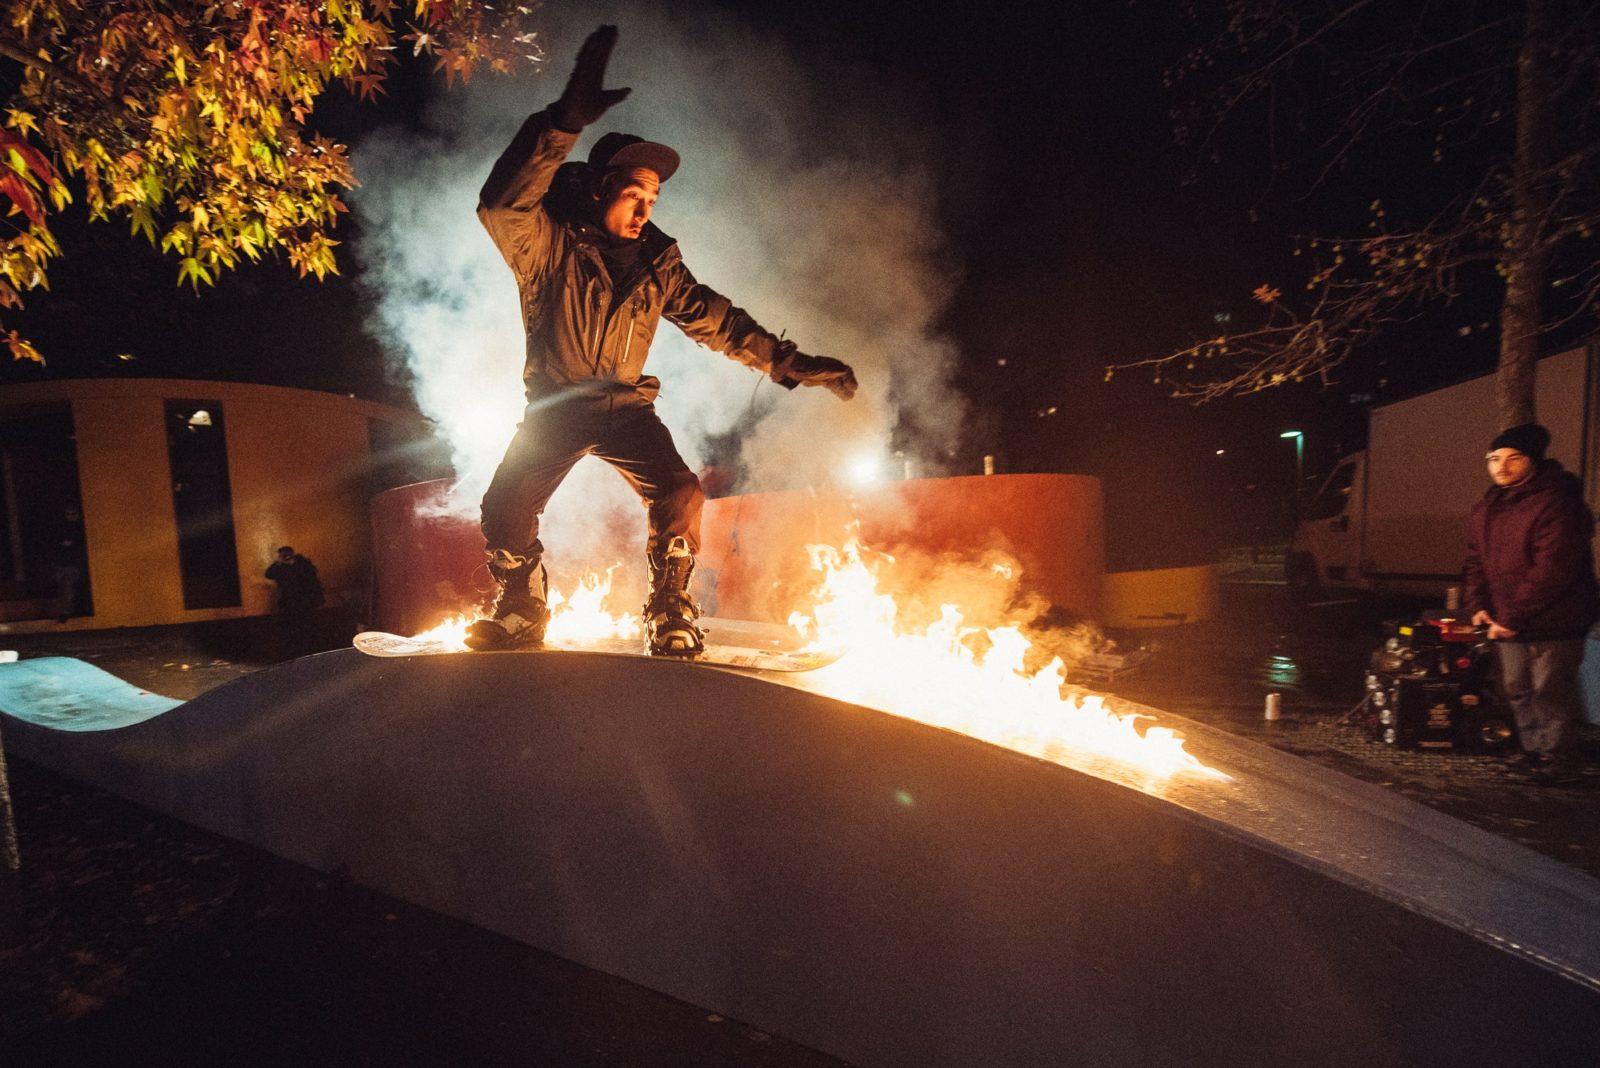 clever school riders collectif paris snowboard feu - Clever School: la bande de riders paie sa soirée au YoYo !